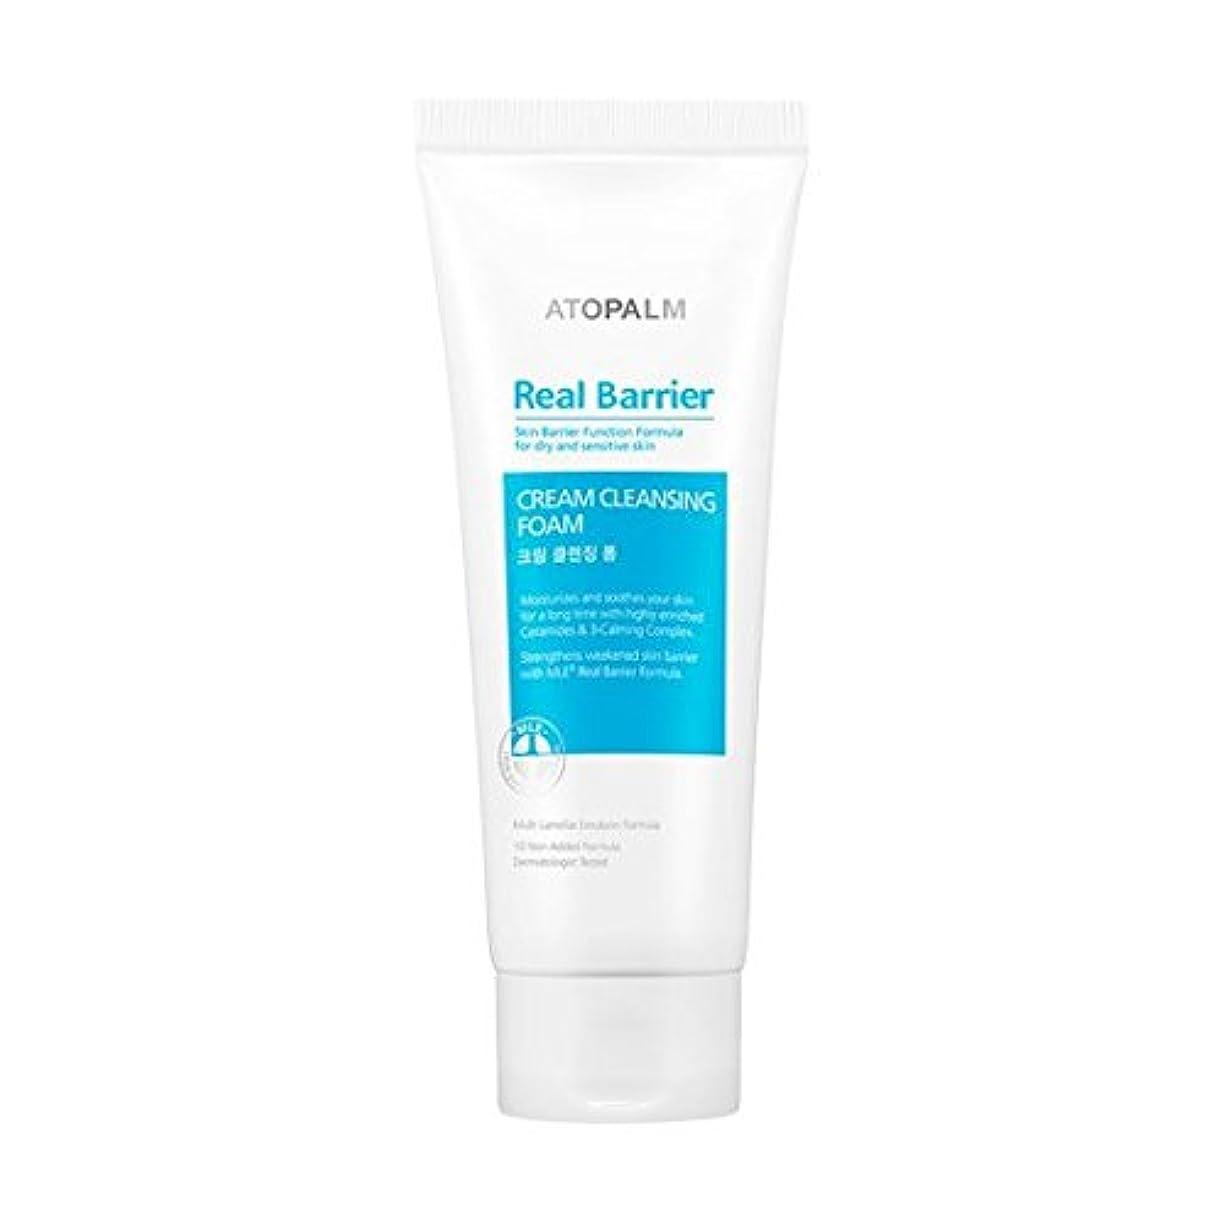 エアコン税金世界の窓[Atopalm (韓国コスメ アトパーム)] Real barrier cream cleansing foam (150g) リアルバリアクリームクレンジング?フォーム[並行輸入品][海外直送品]